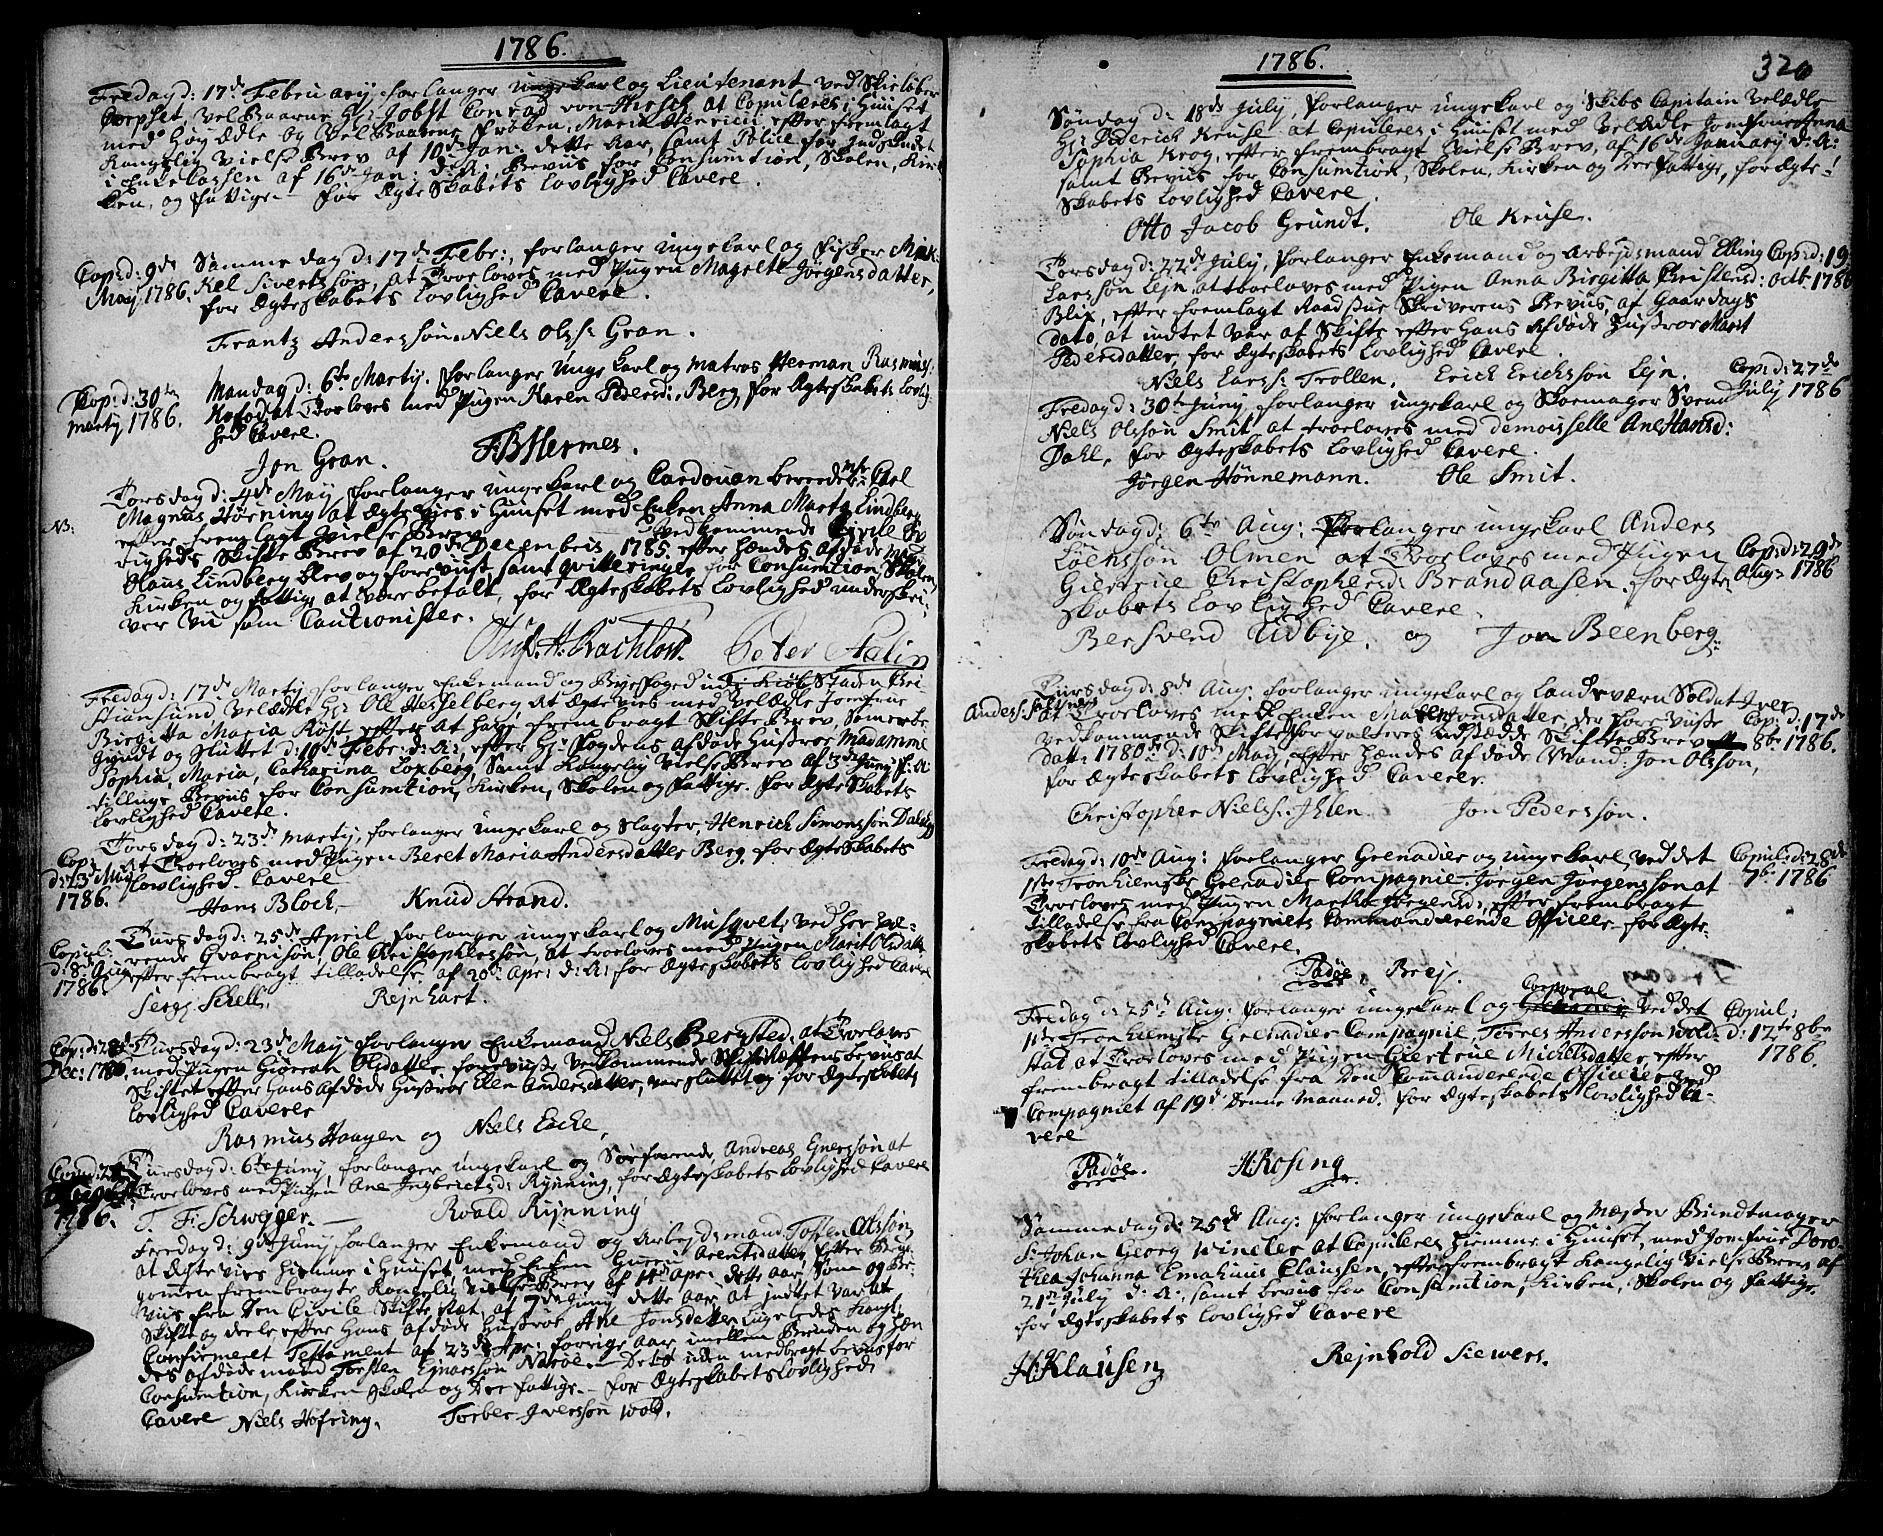 SAT, Ministerialprotokoller, klokkerbøker og fødselsregistre - Sør-Trøndelag, 601/L0038: Ministerialbok nr. 601A06, 1766-1877, s. 326